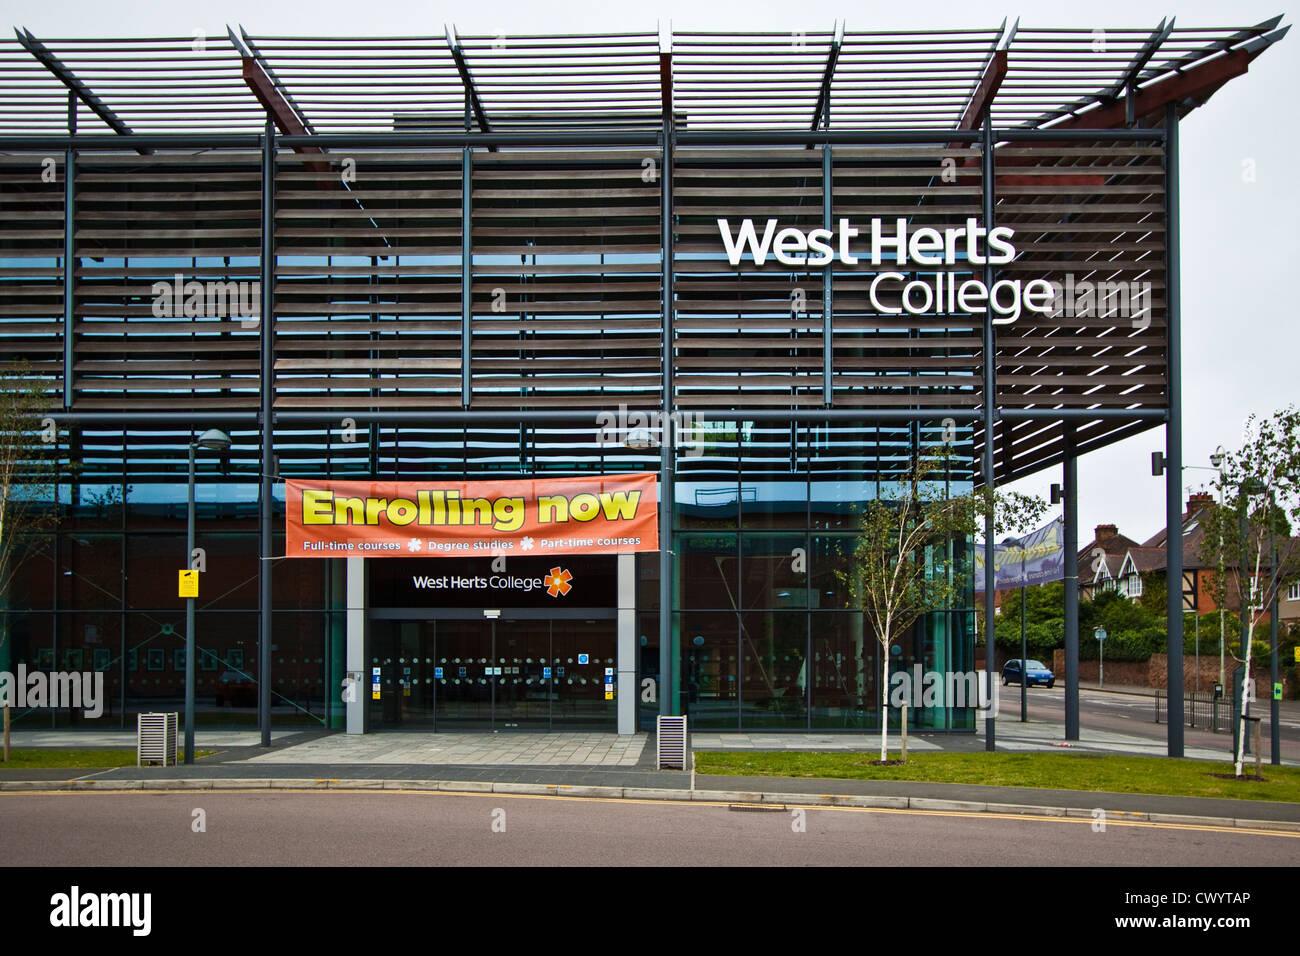 Vitesse datation Watford Hertfordshire